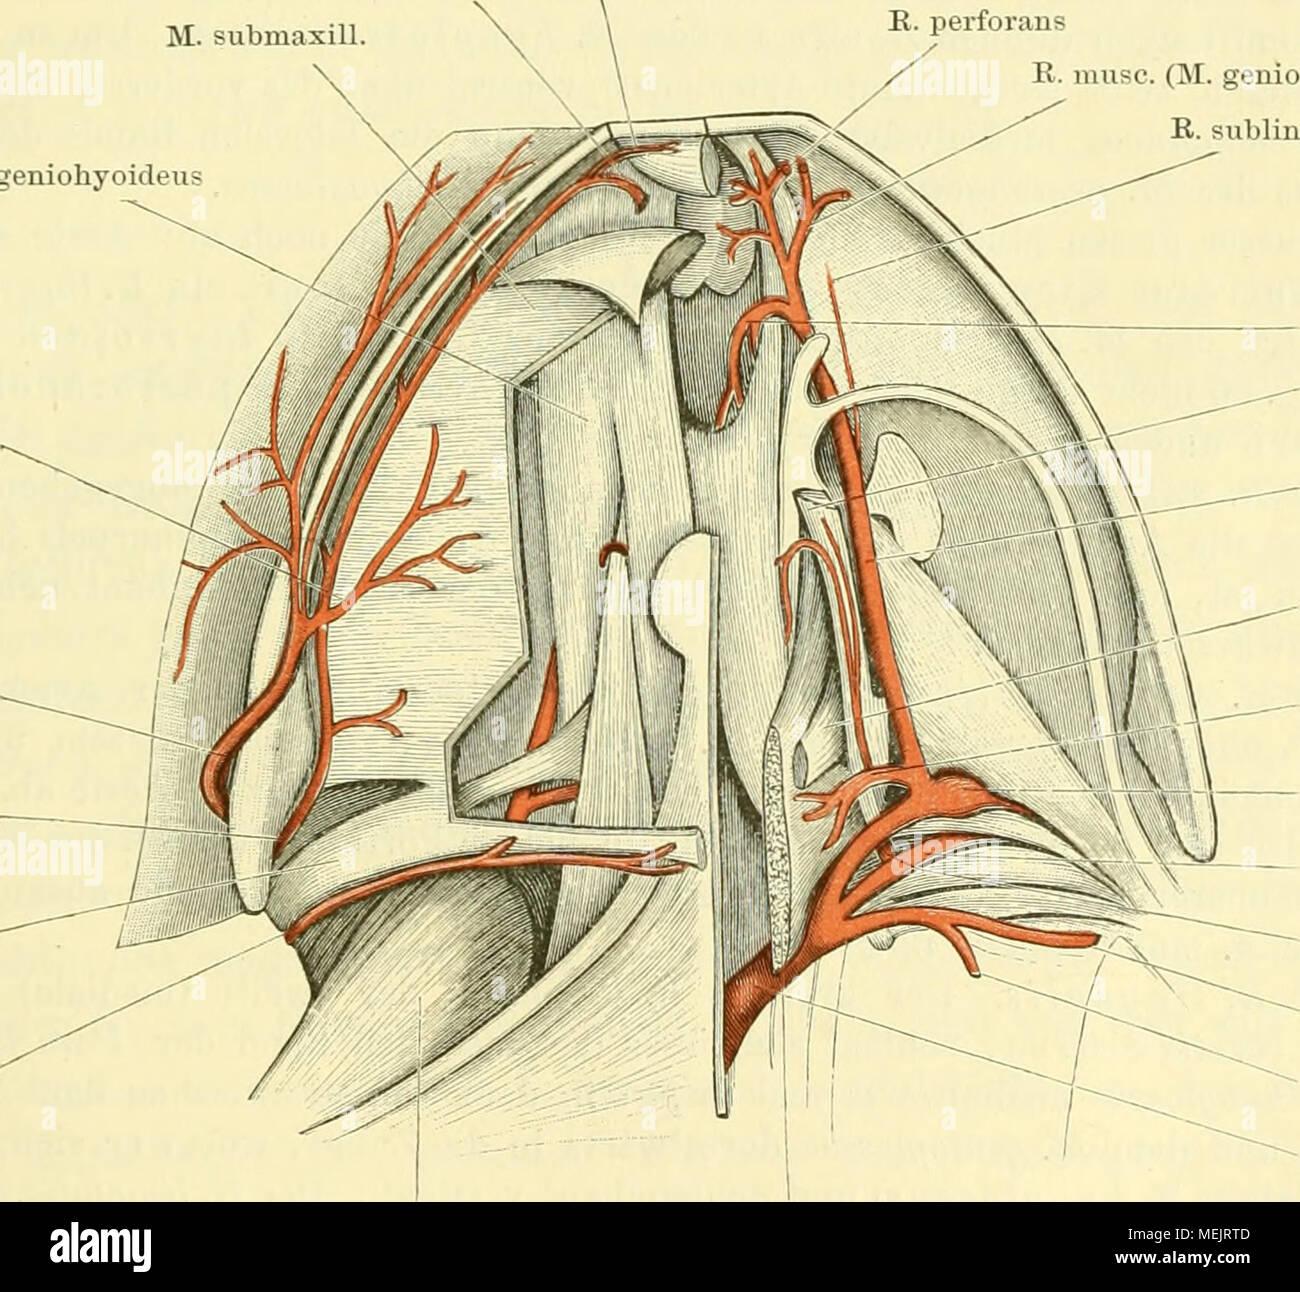 Großartig Anatomie Begriffe Und Definitionen Galerie - Anatomie ...